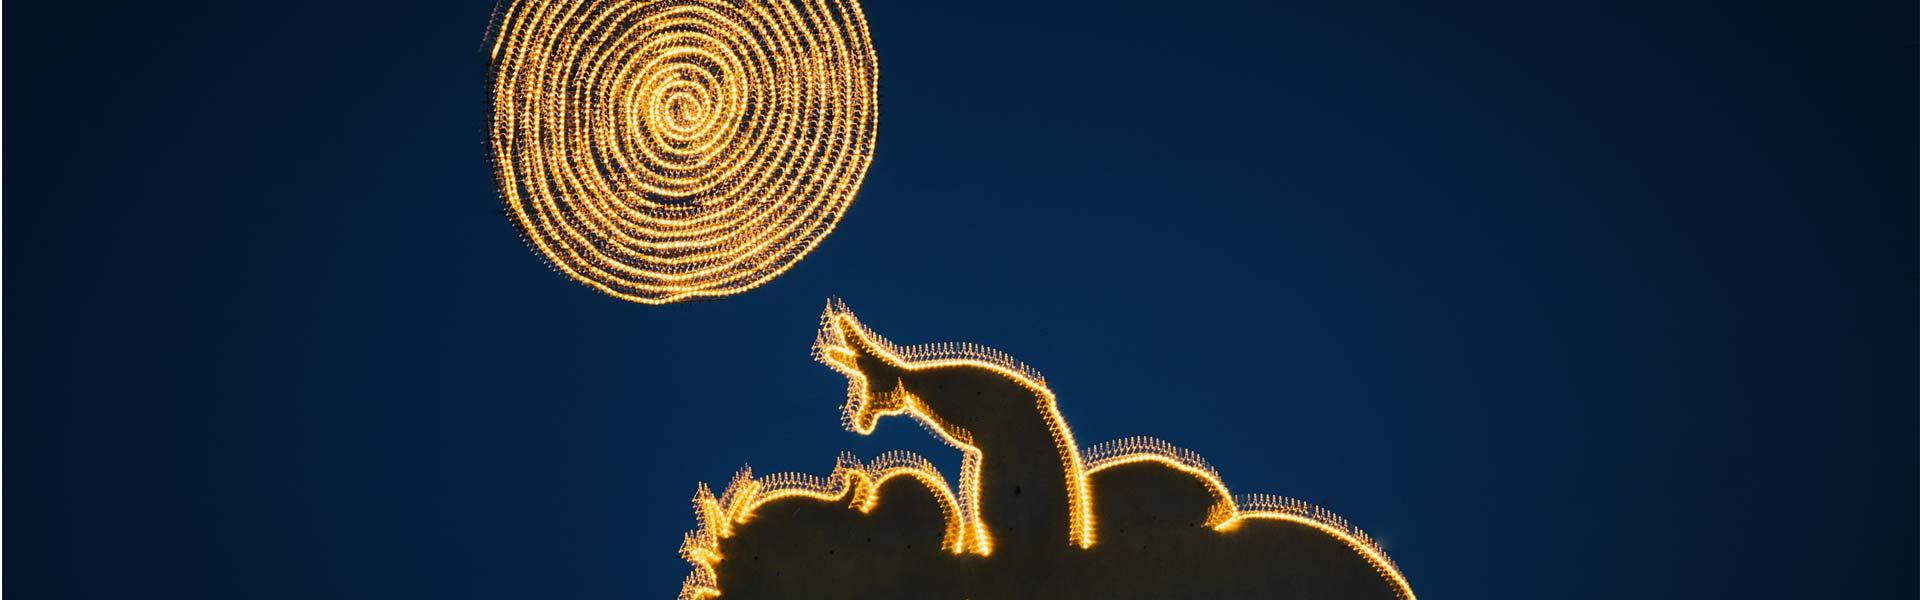 Linzer Engerl Weihnachtsbeleuchtung (c)M.Pechacker